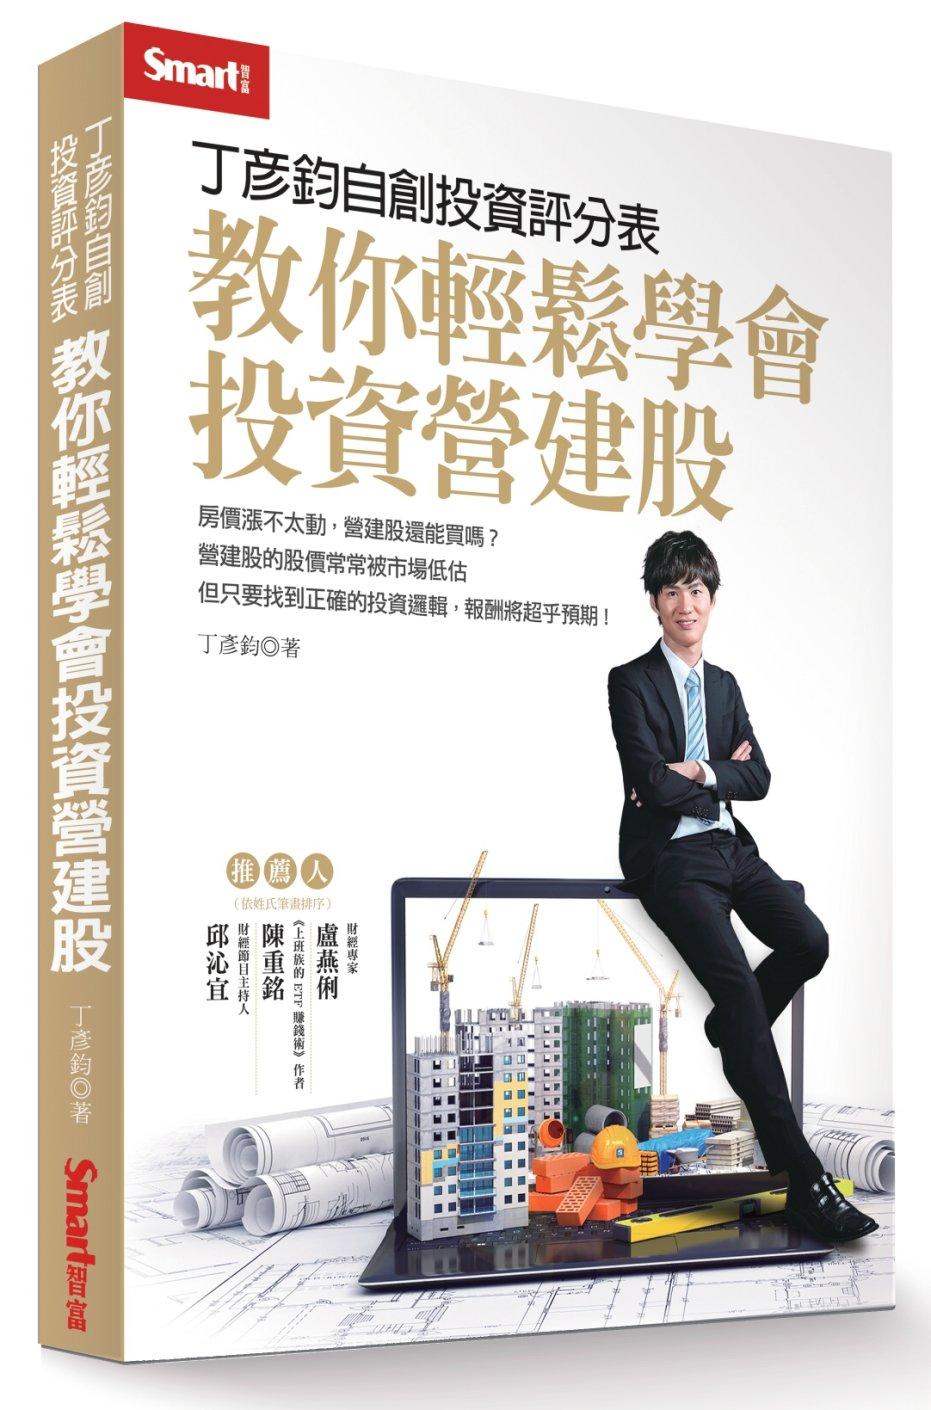 丁彥鈞自創投資評分表 教你輕鬆學會投資營建股